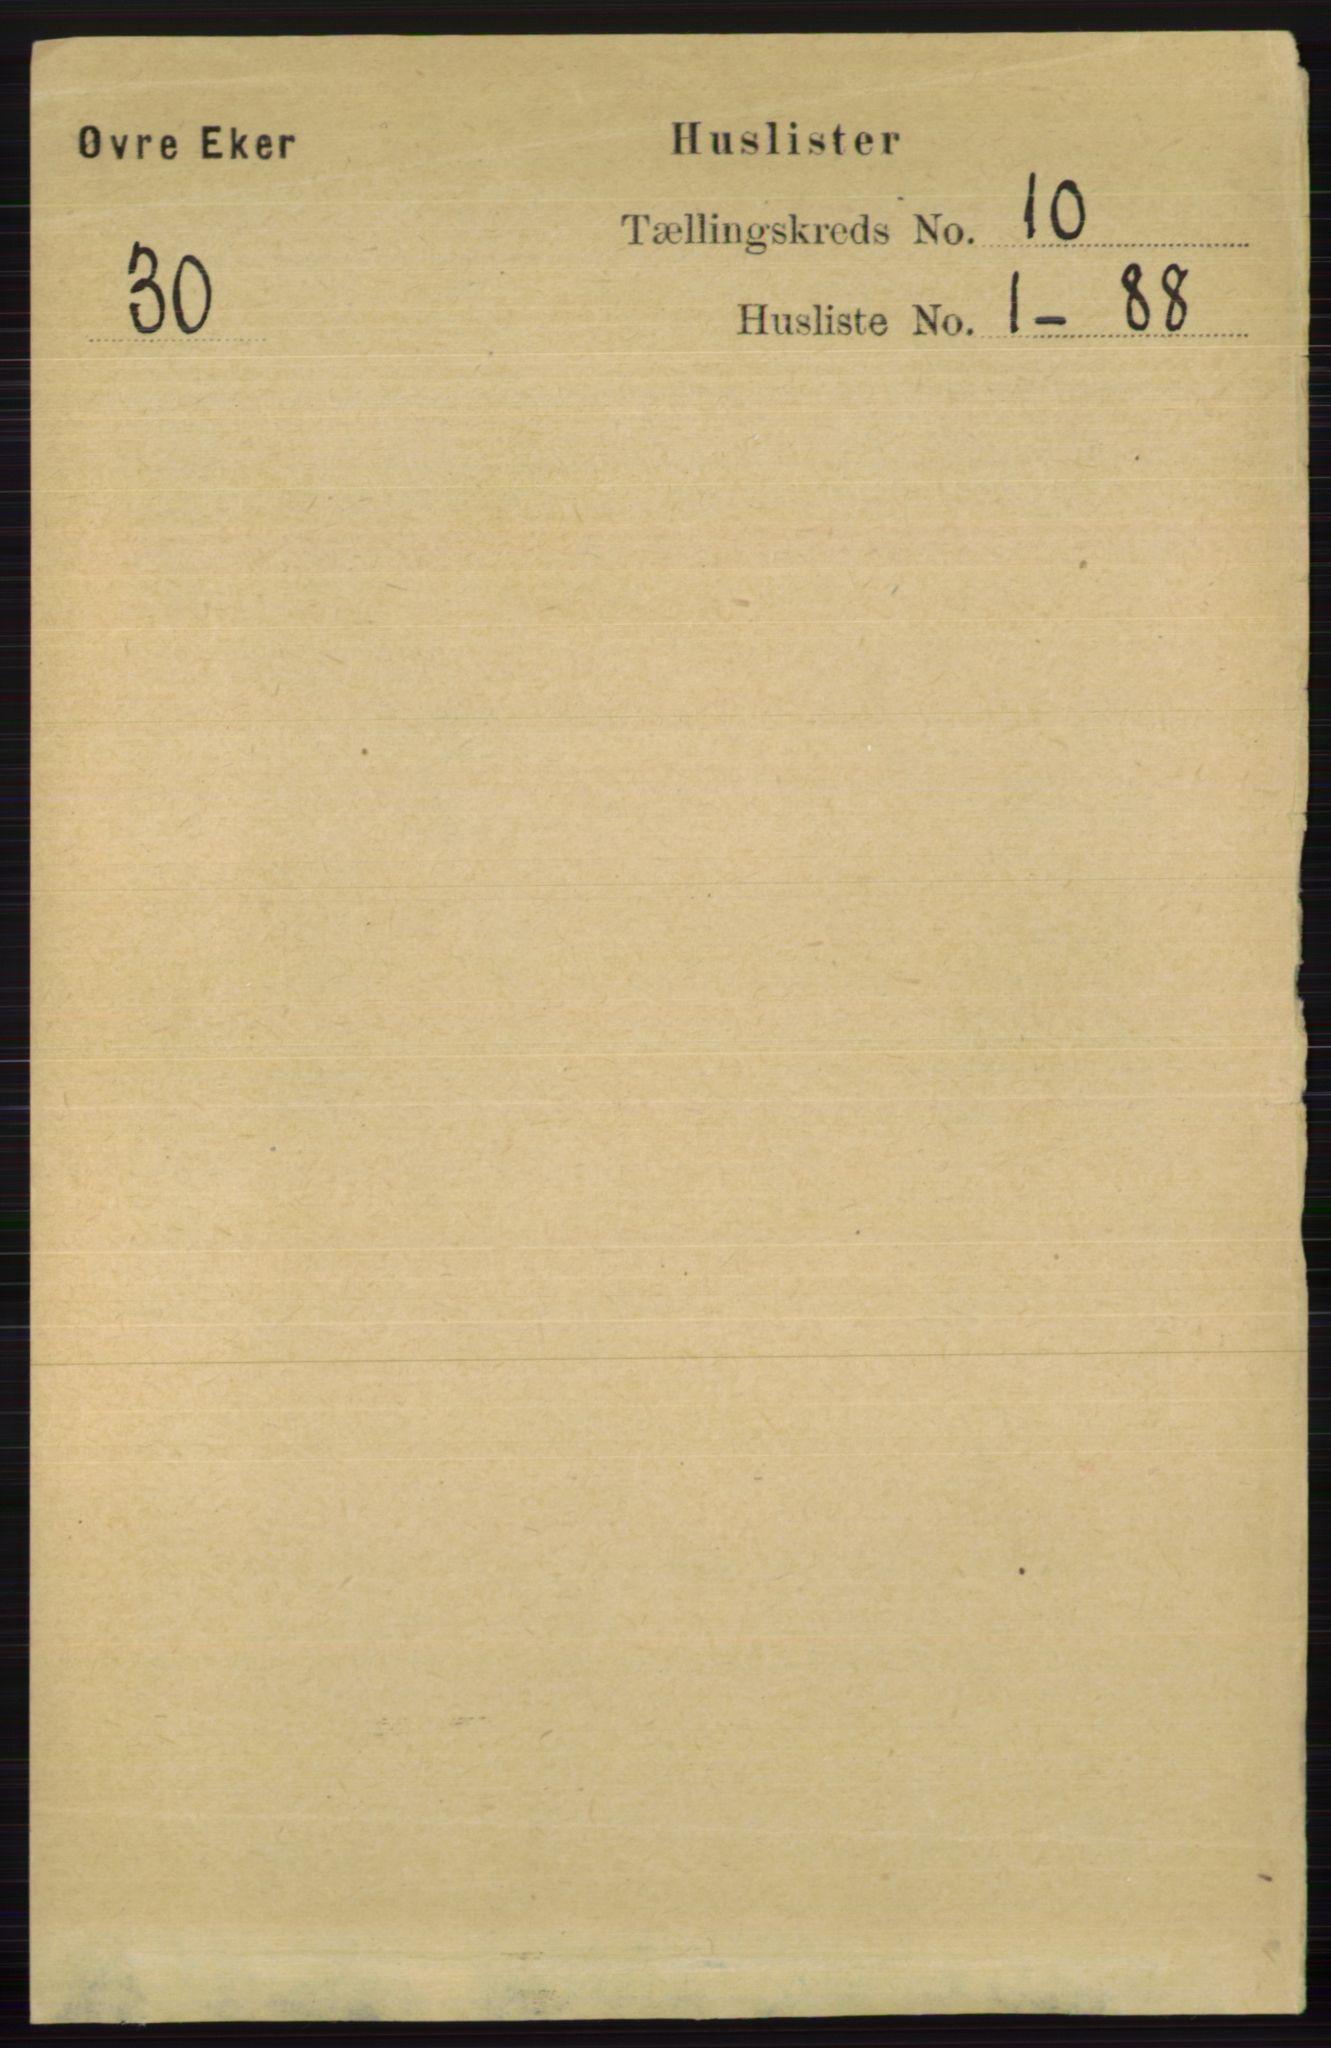 RA, Folketelling 1891 for 0624 Øvre Eiker herred, 1891, s. 3974